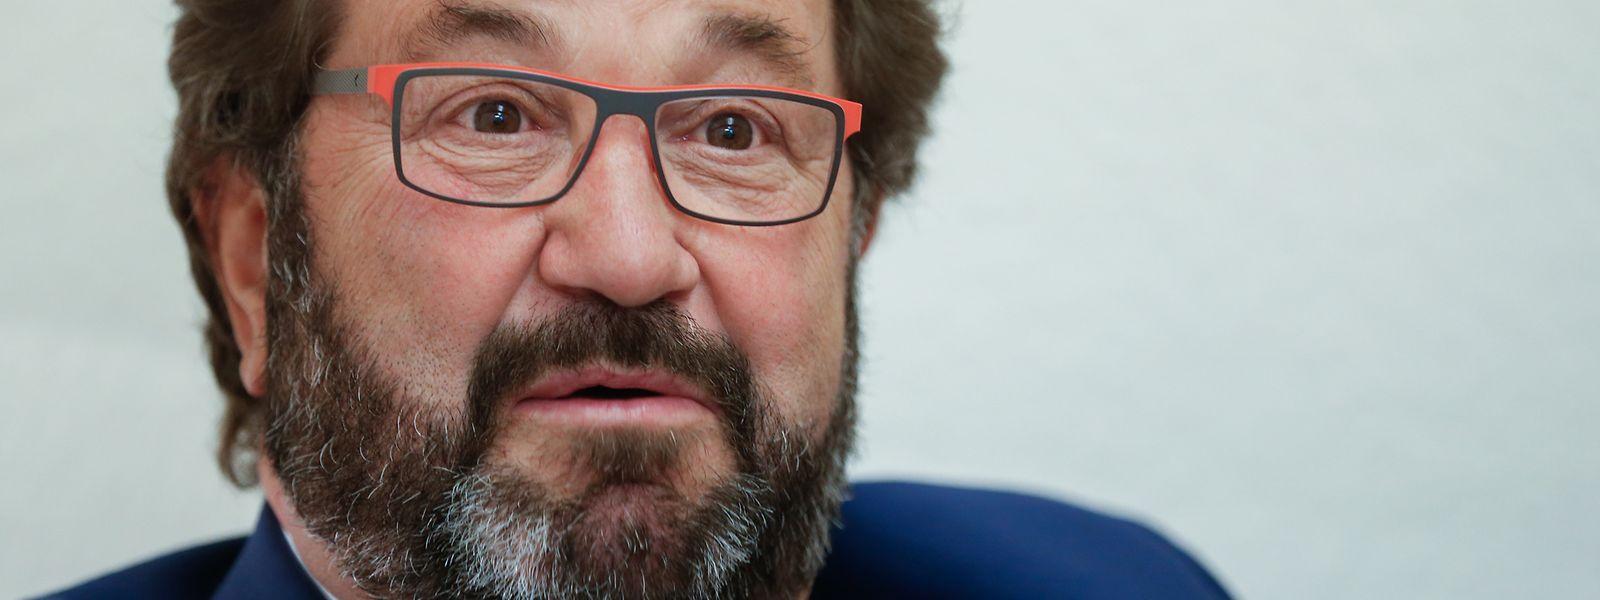 Die Klage gegen den ADR-Politiker Gast Gibéryen wurde abgewiesen.